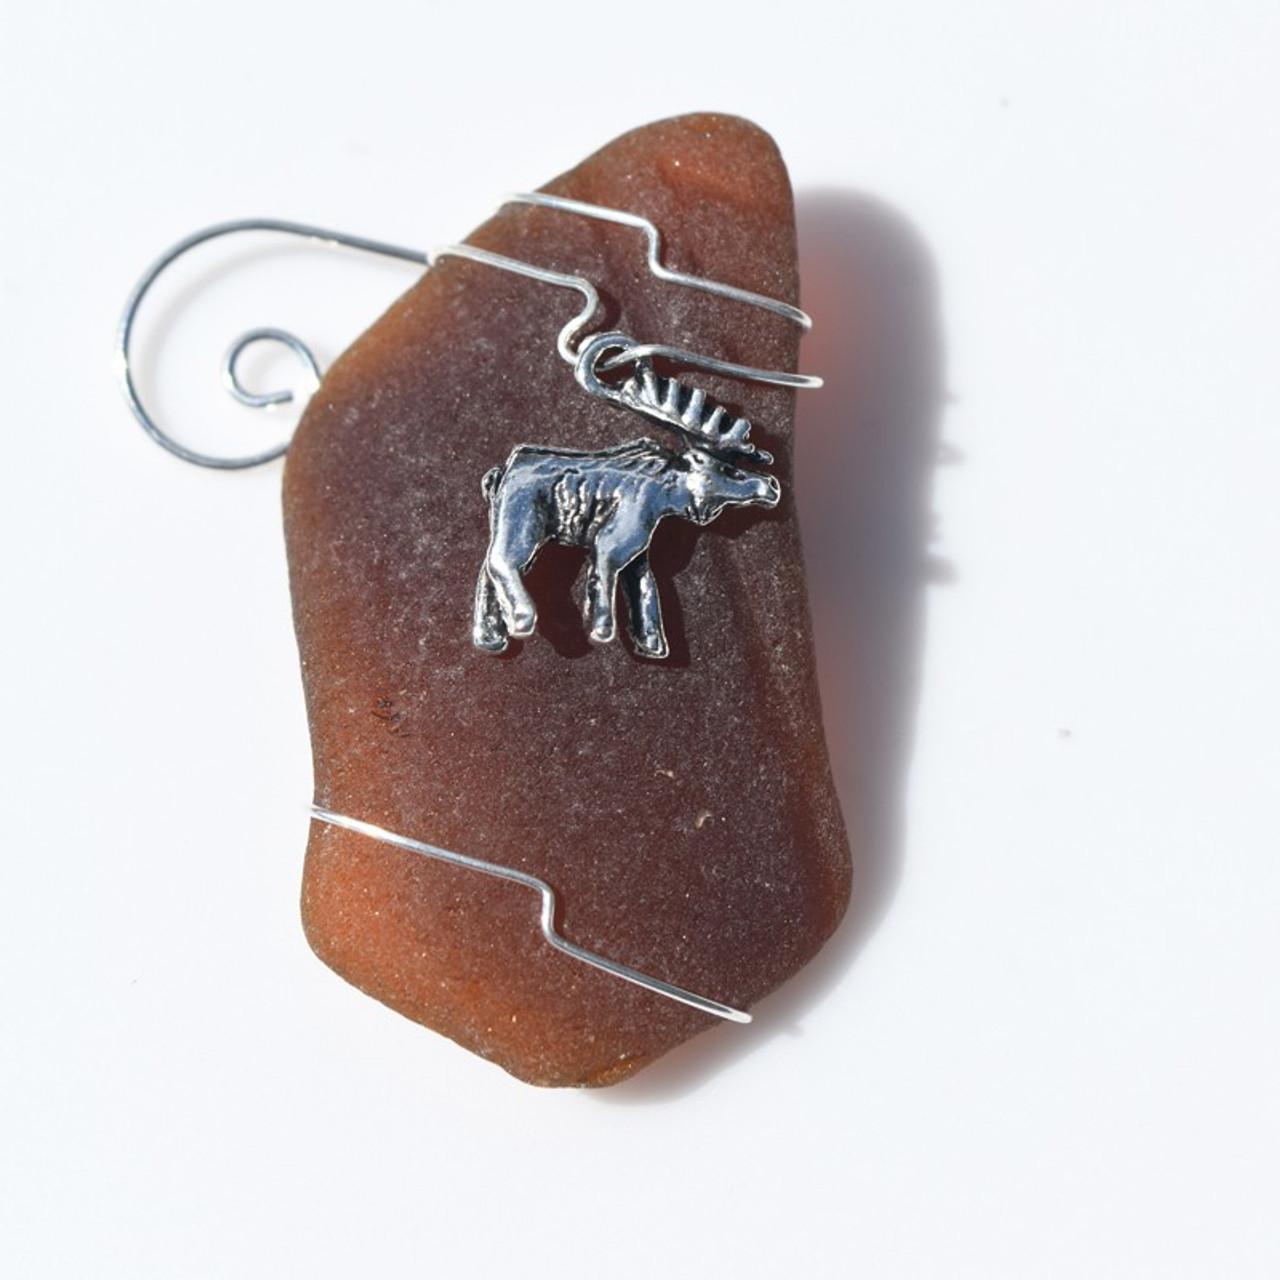 Wire Wrapepd Moose Ornament